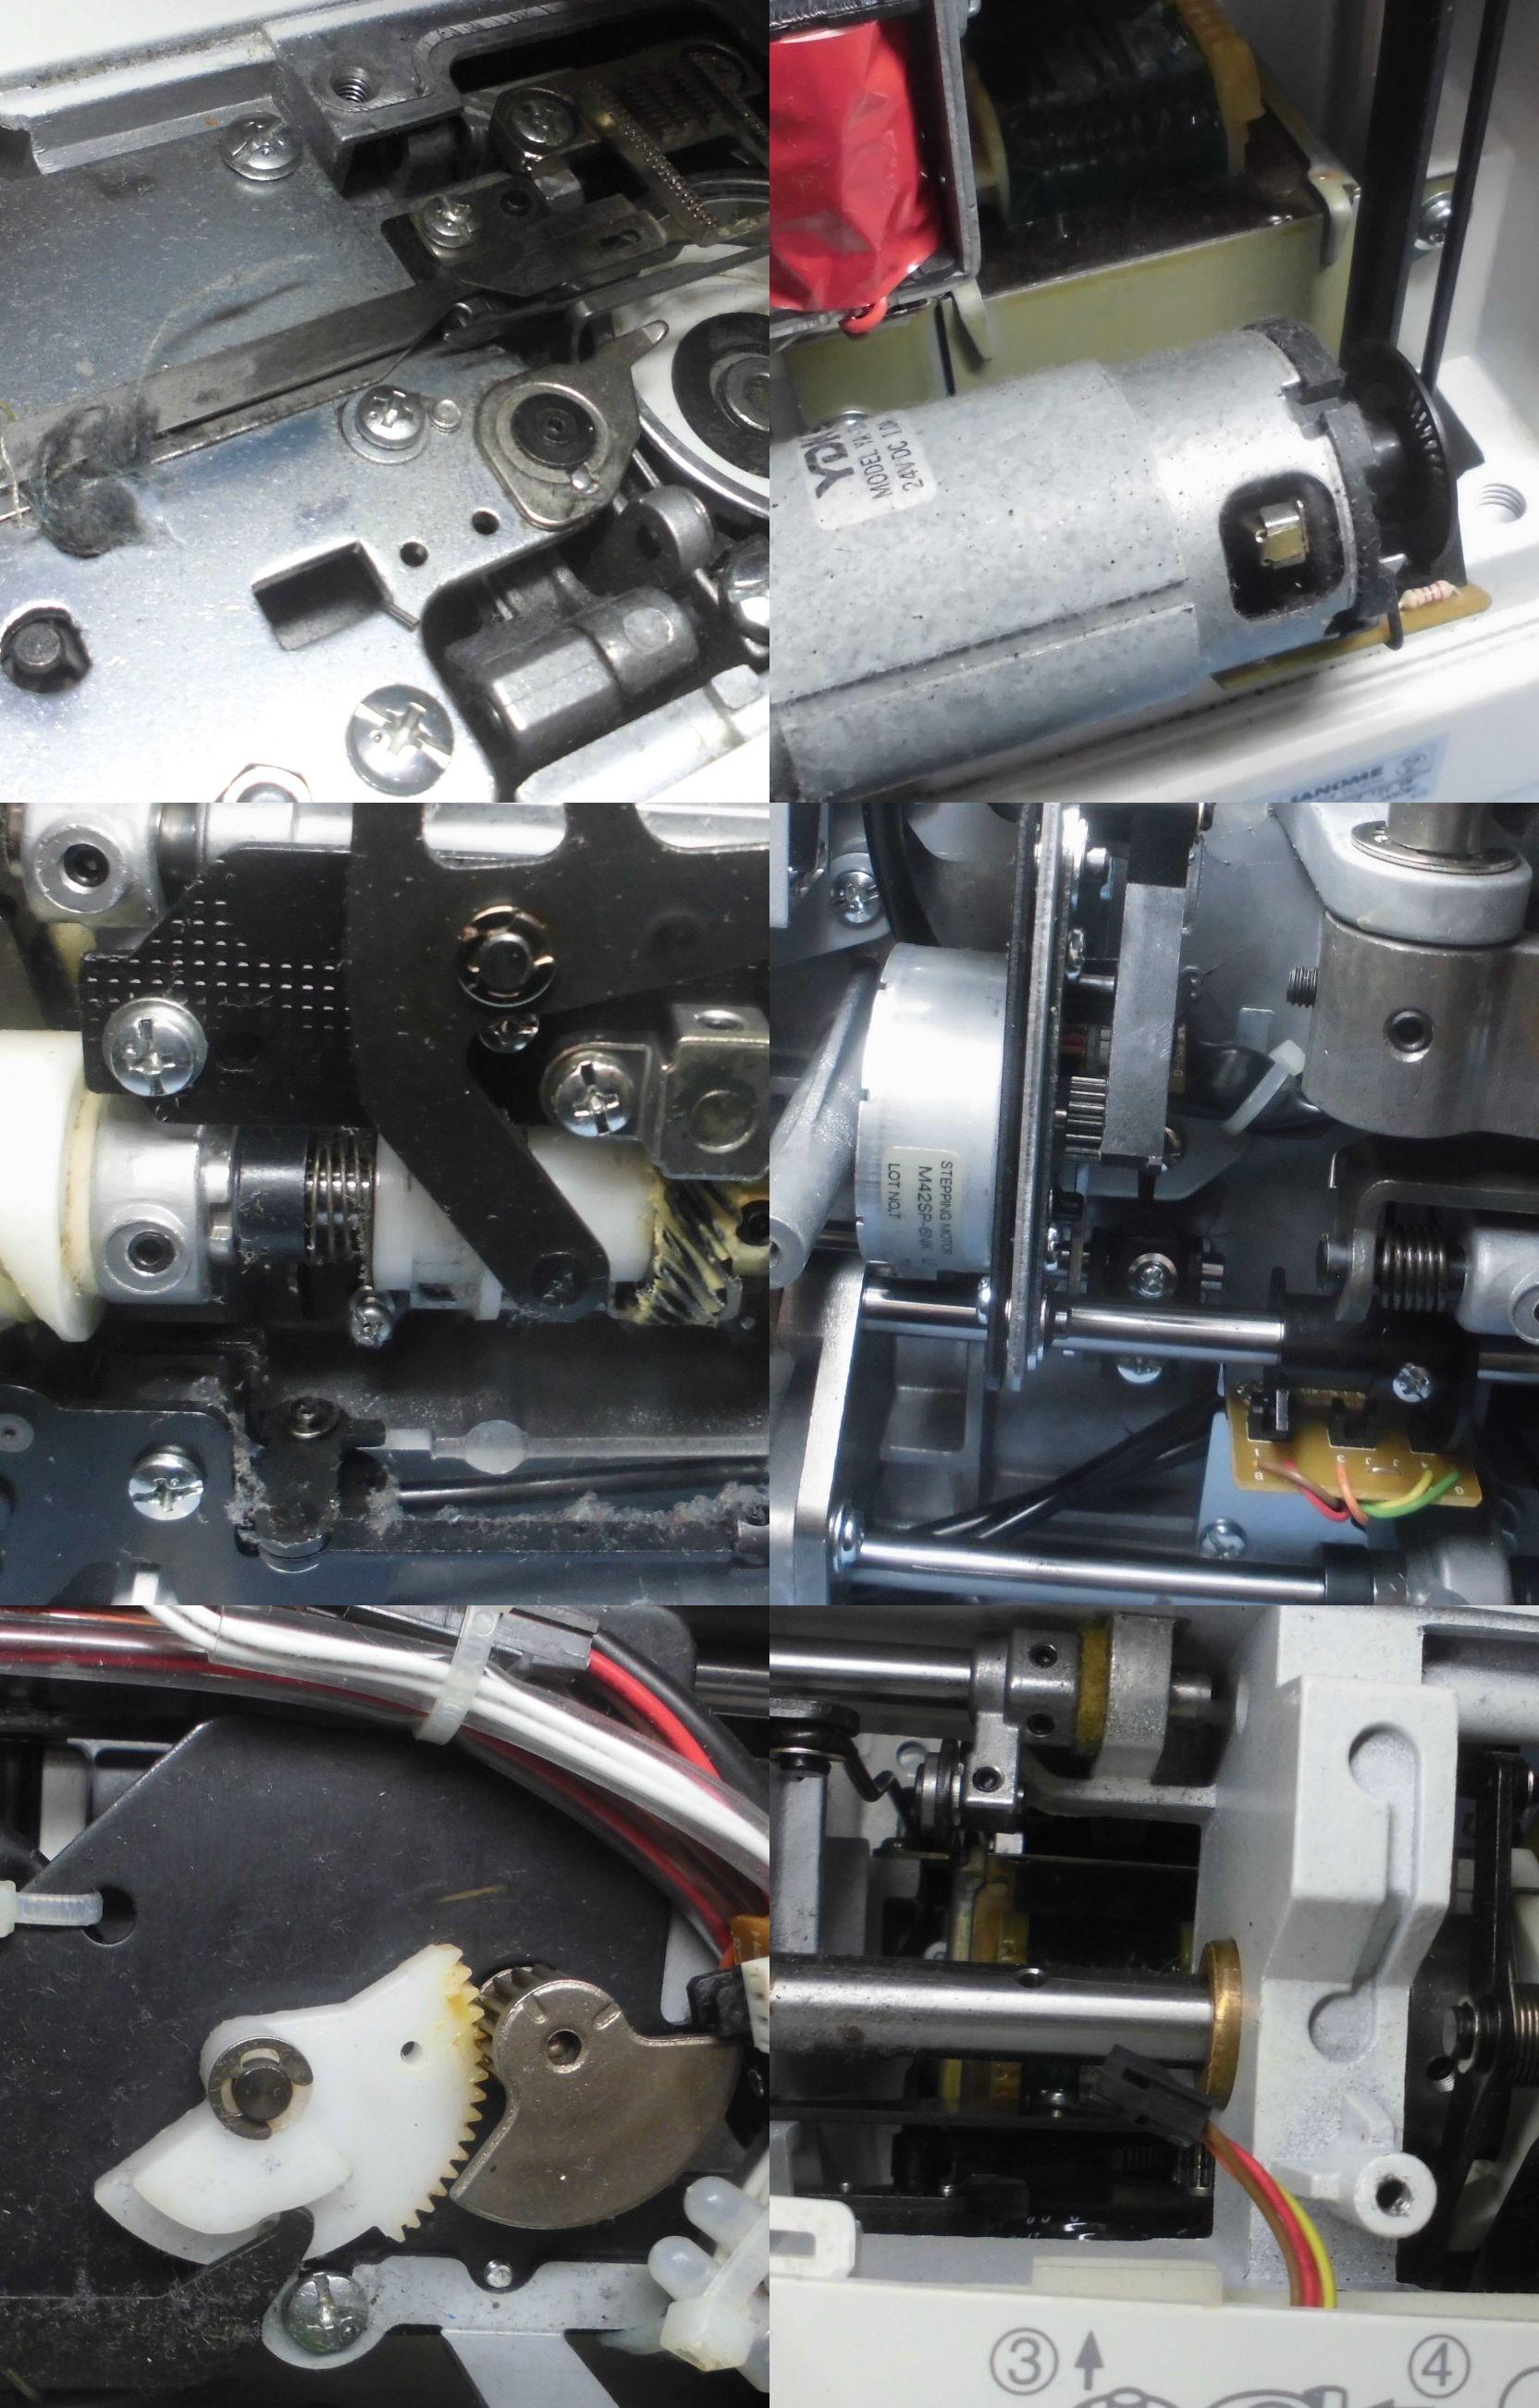 ジャノメミシン CK1200の全体オーバーホールメンテナンス修理